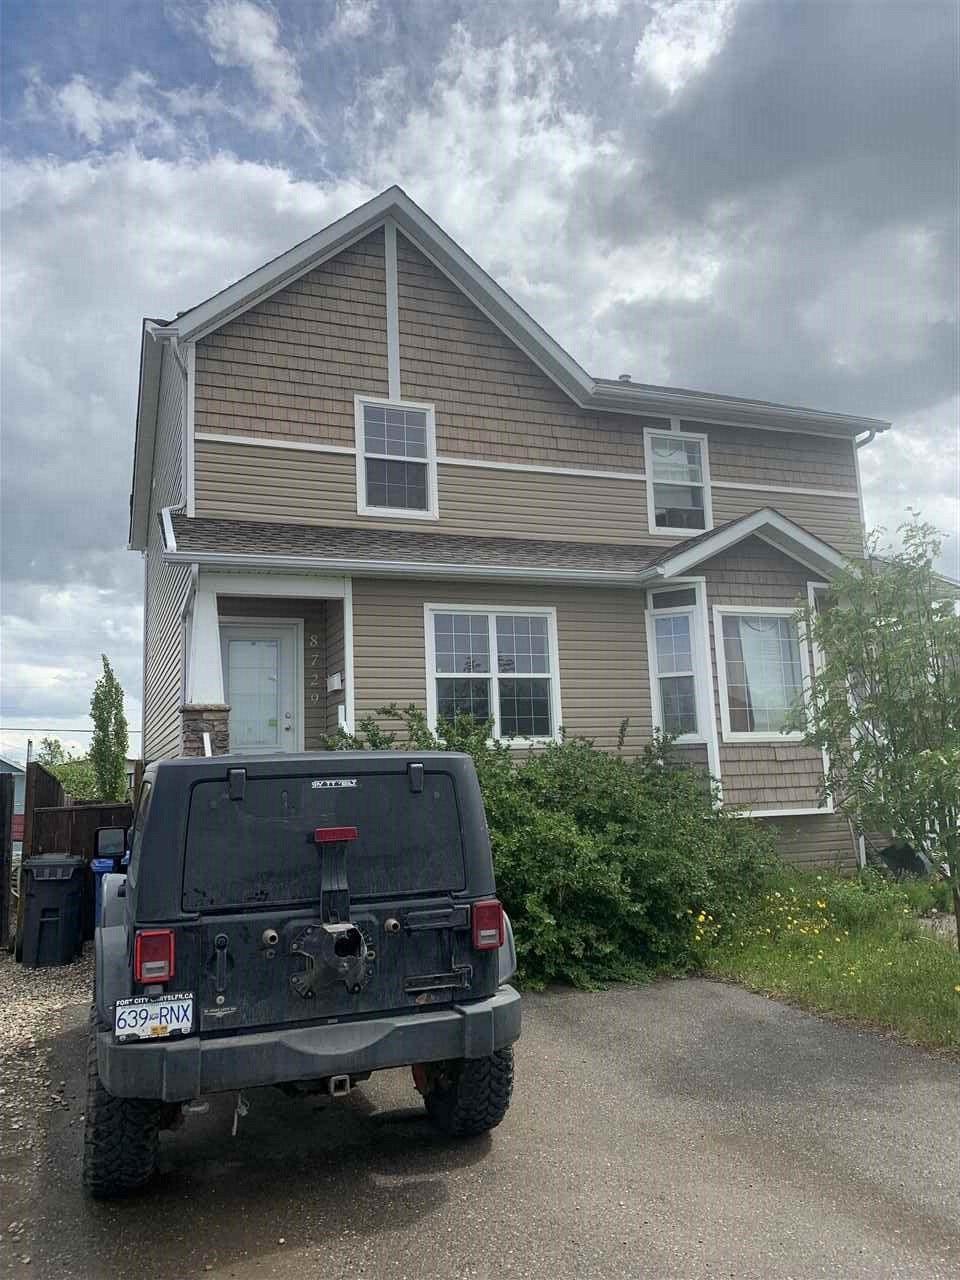 Main Photo: 8729 79A Street in Fort St. John: Fort St. John - City SE House 1/2 Duplex for sale (Fort St. John (Zone 60))  : MLS®# R2375633